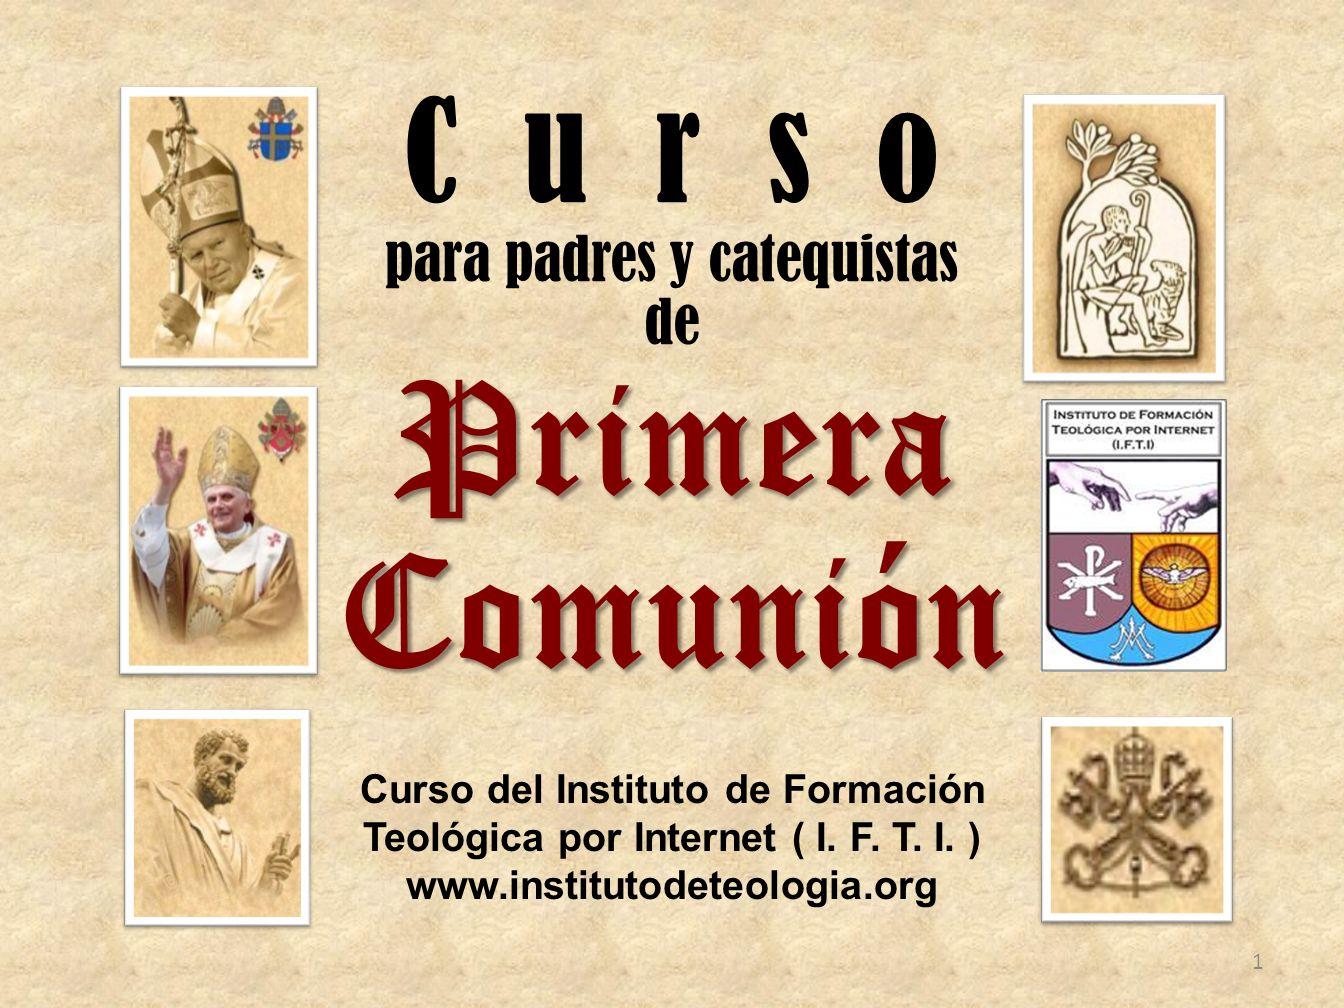 C u r s o para padres y catequistas de Primera Comunión